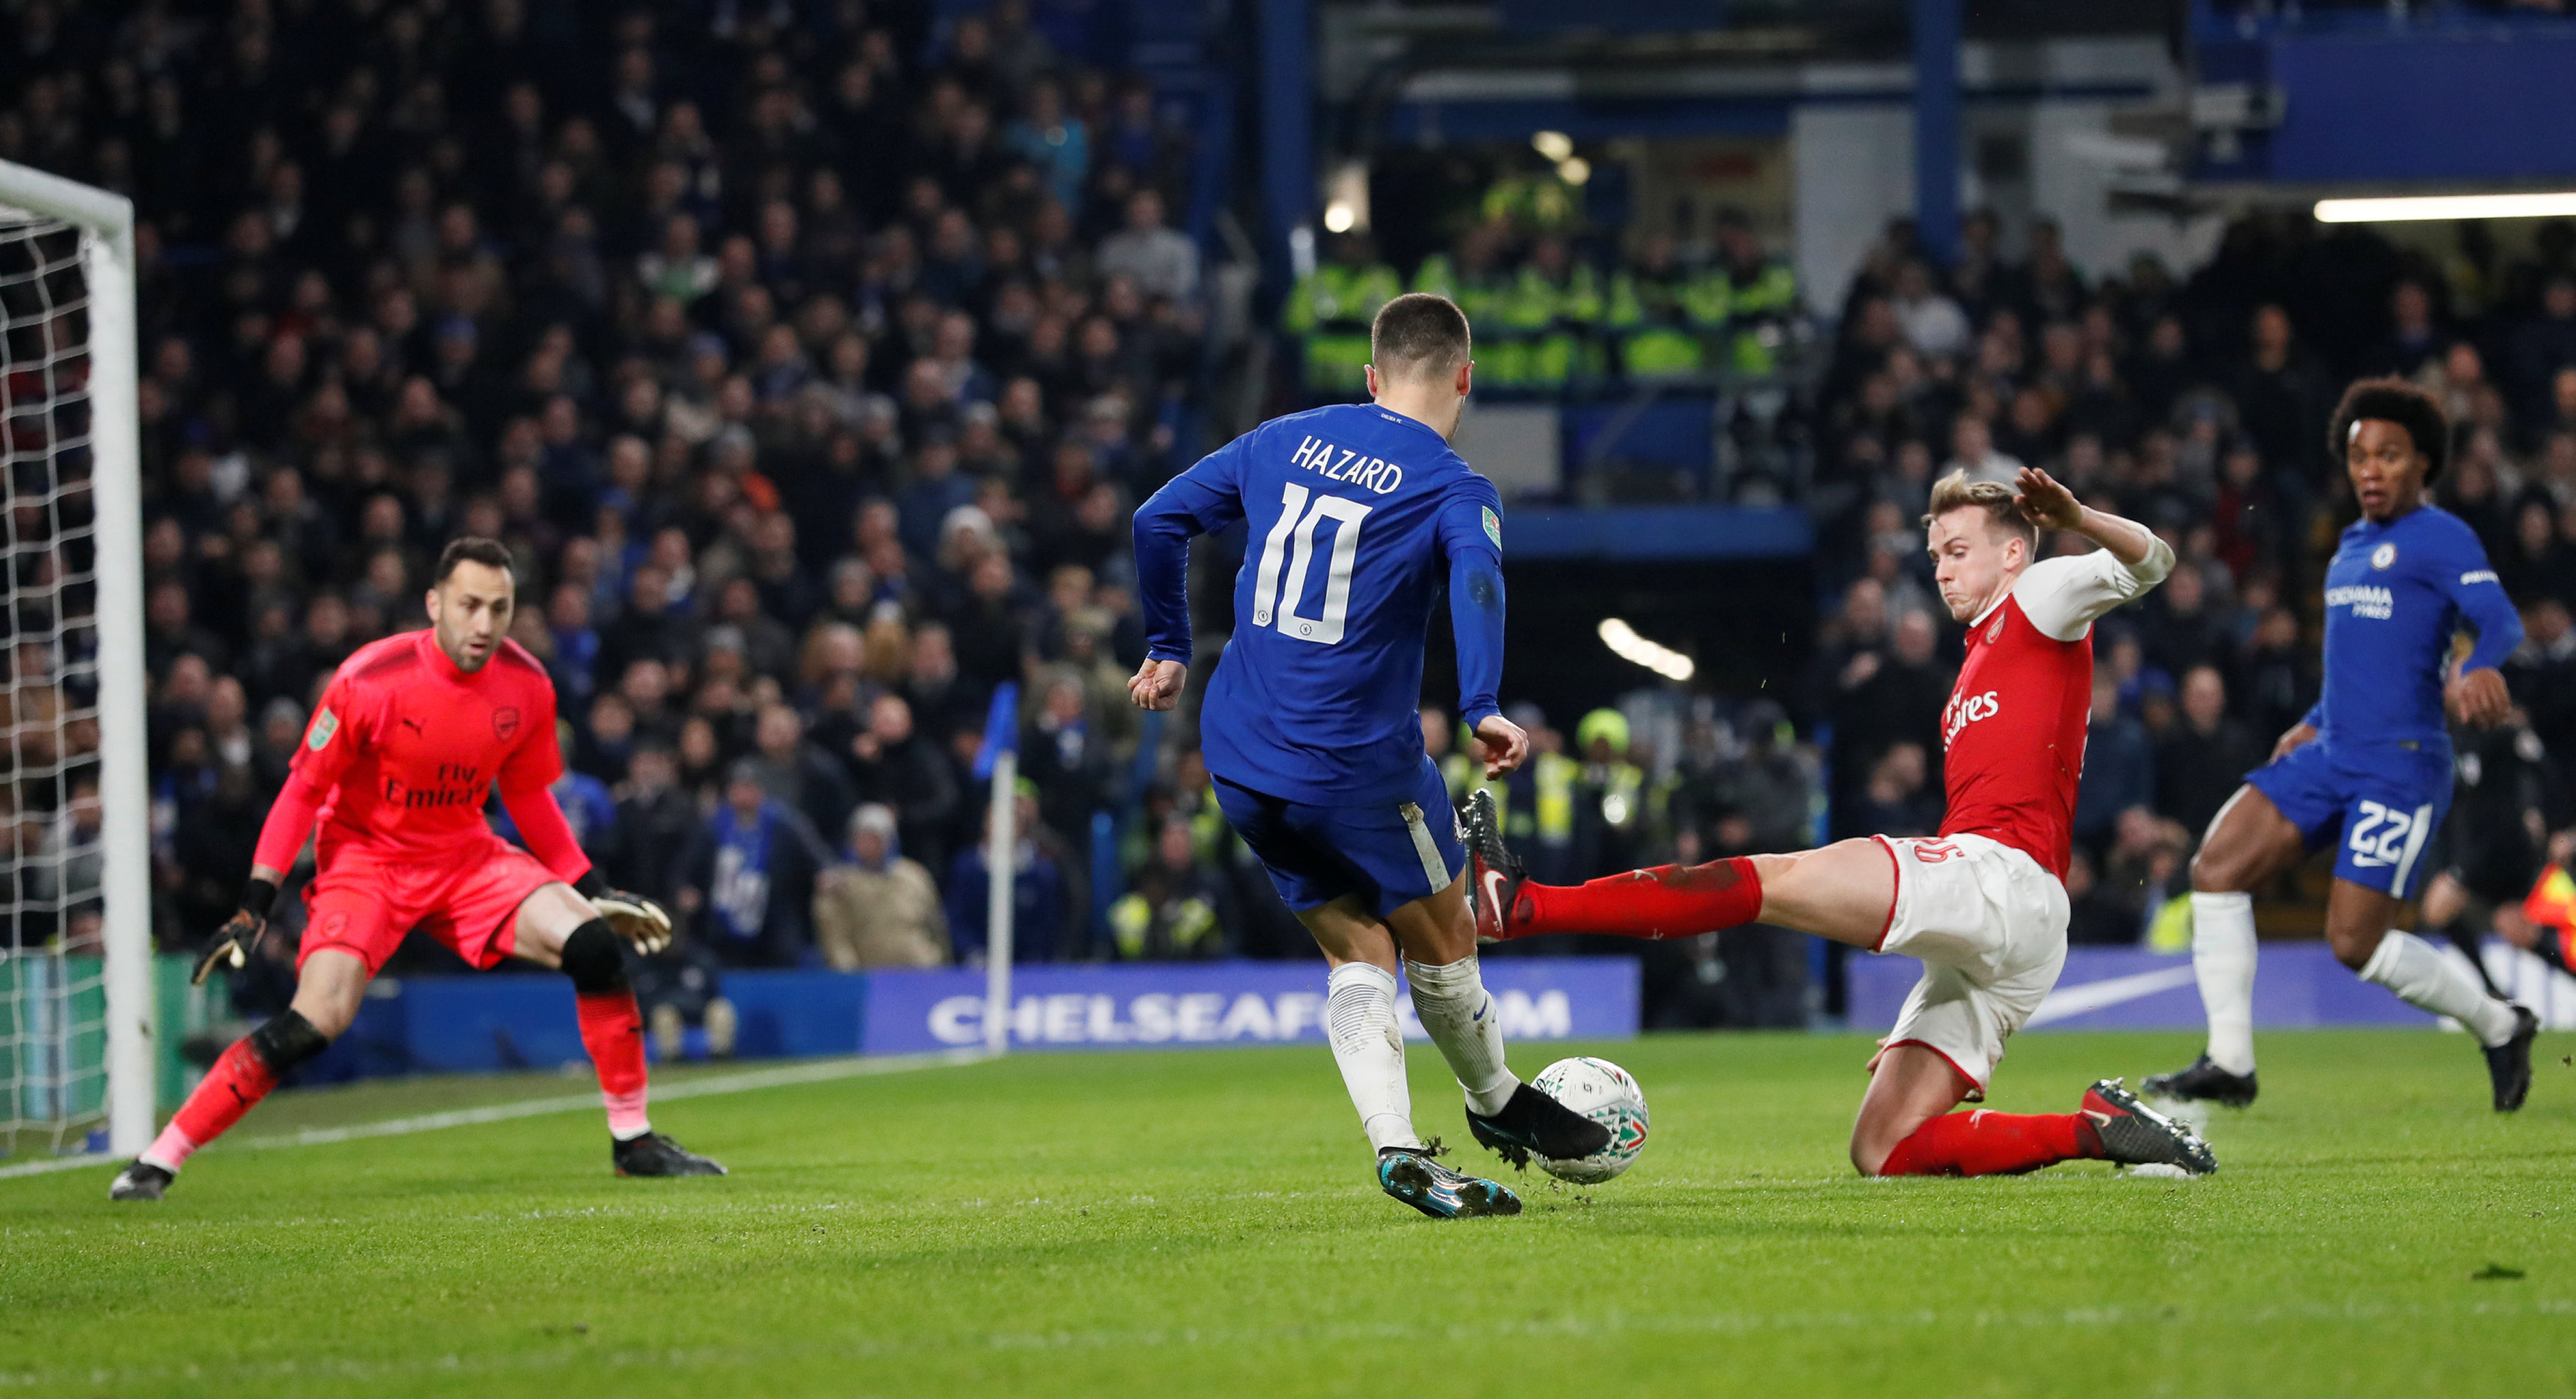 Một pha uy hiếp khung thành Arsenal của Hazard. Ảnh: REUTERS